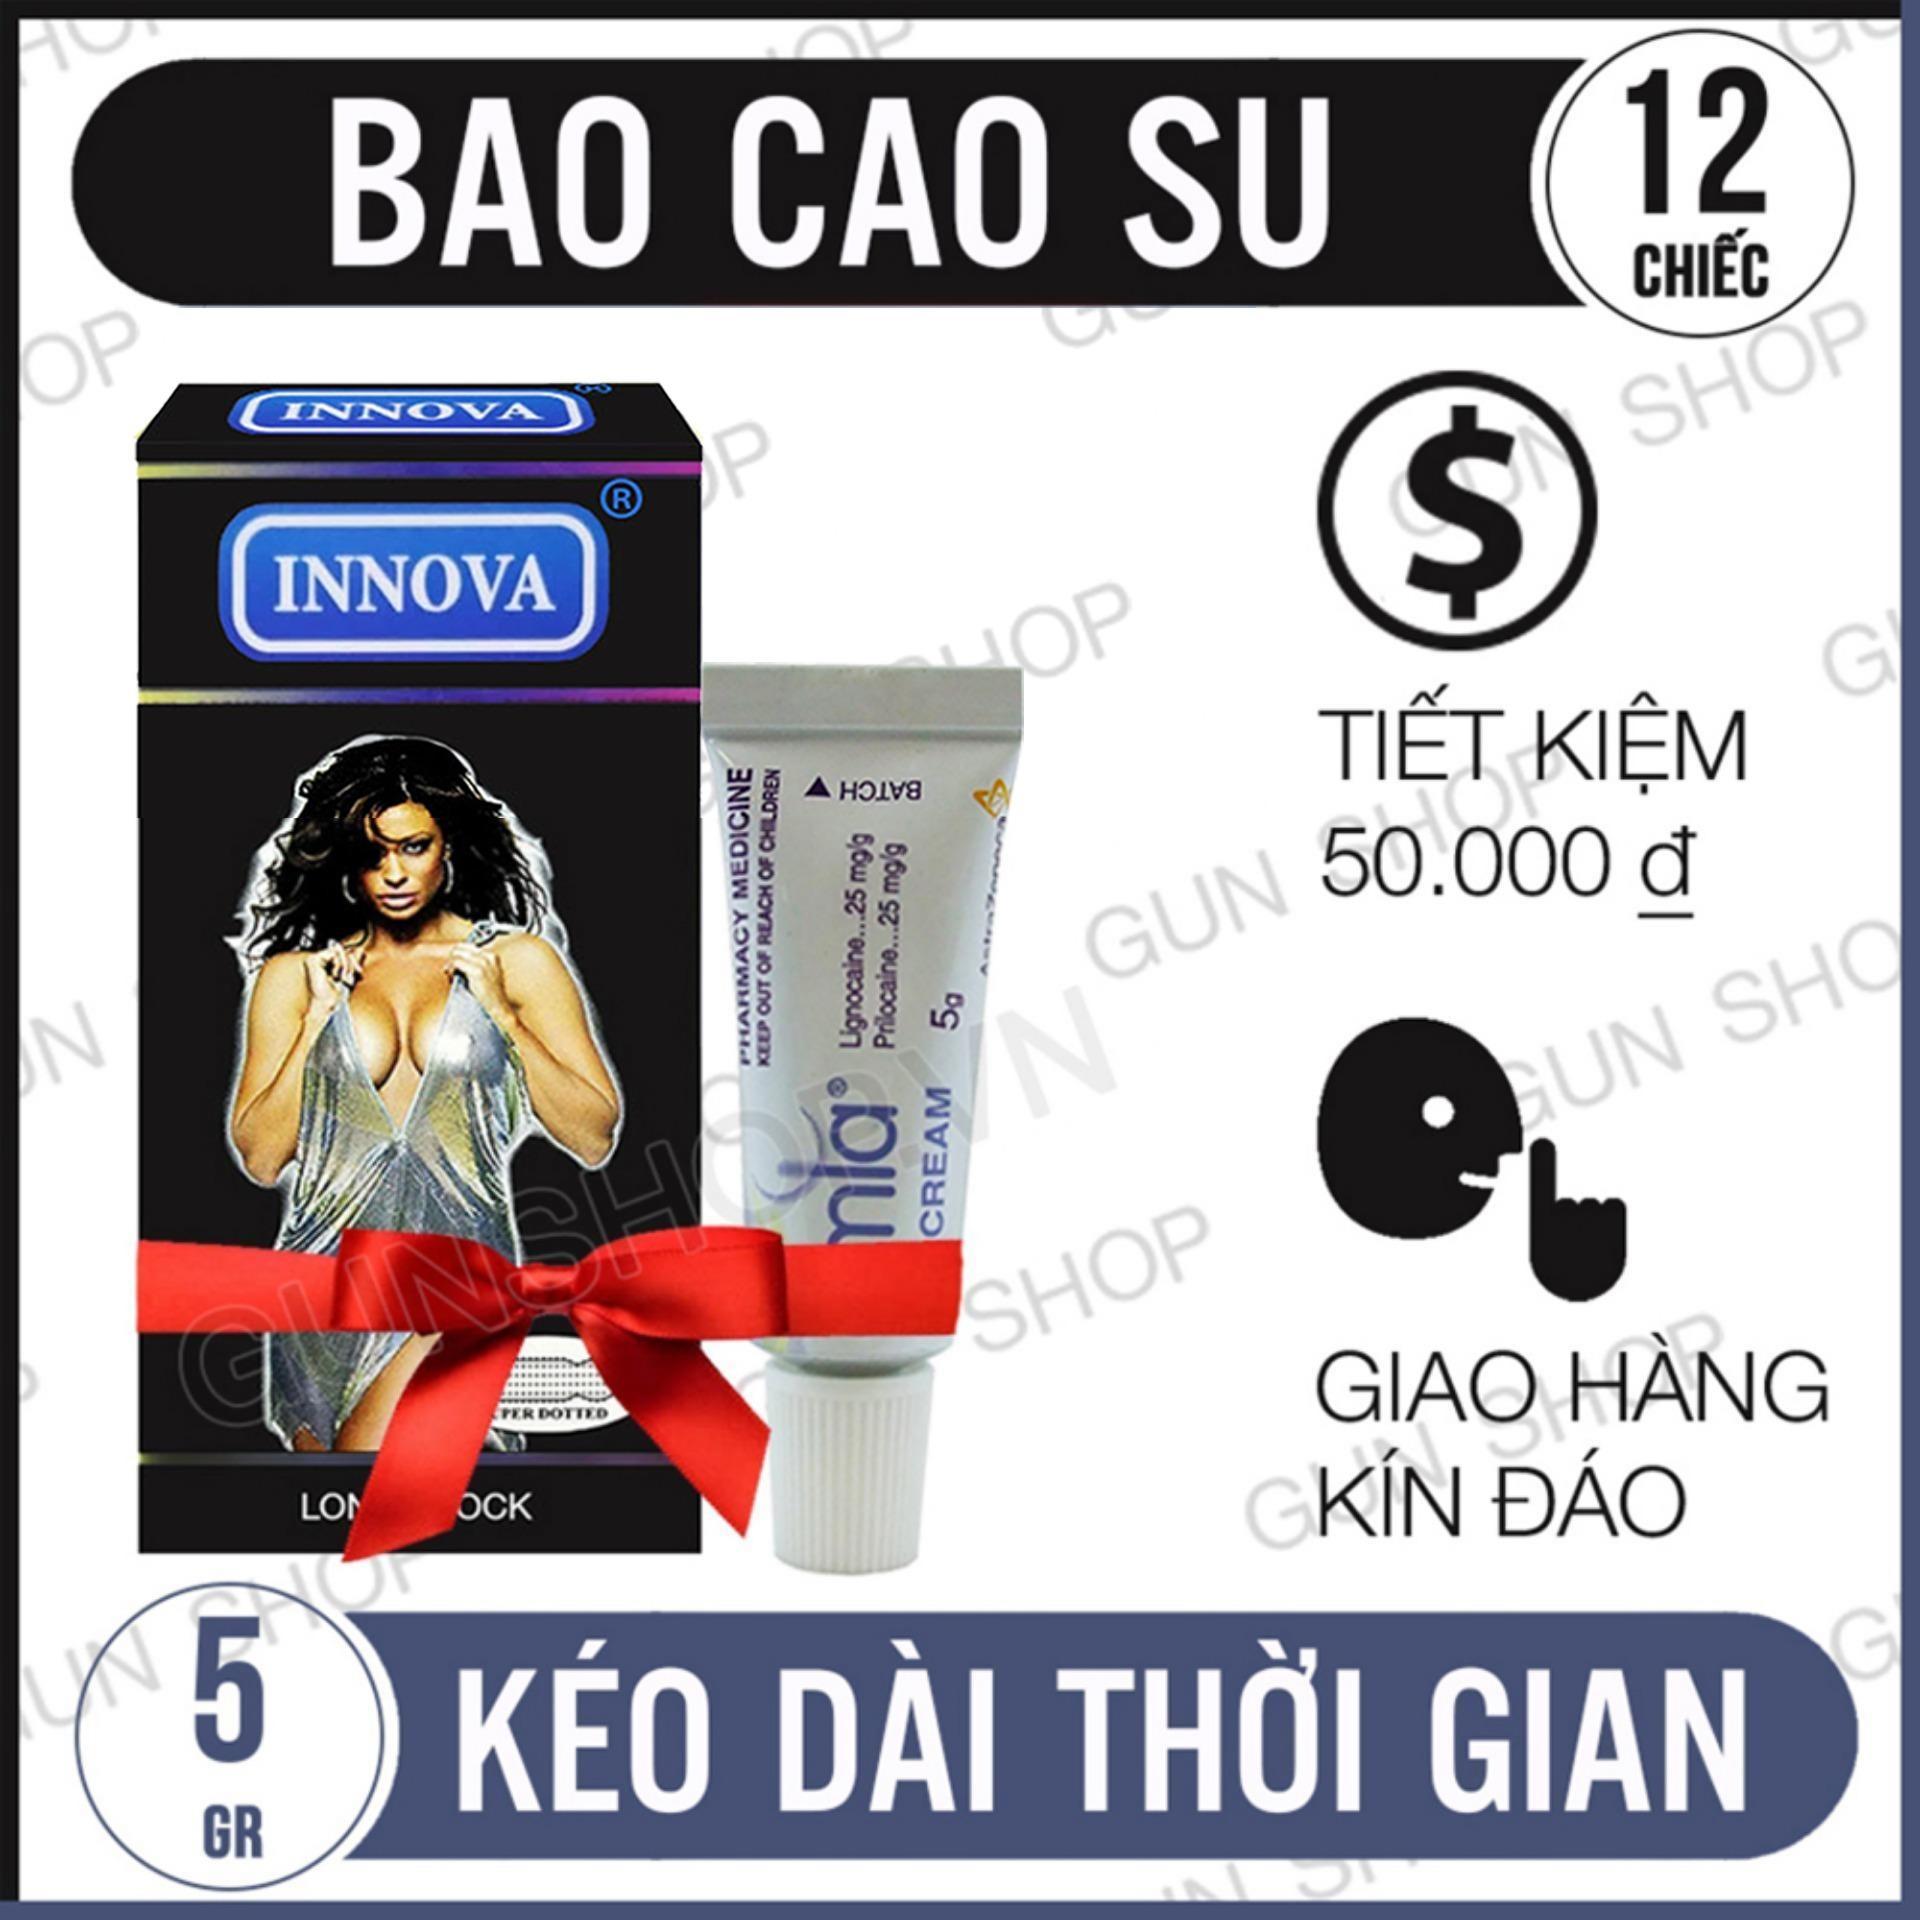 Bộ Kéo Dài Thời Gian Bao Cao Su Innova Đen (Hộp 12 chiếc) Và Tinh Chất Chống Xuất Tinh Sớm Emla Cream 5% [GUNSHOP -TK01] cao cấp